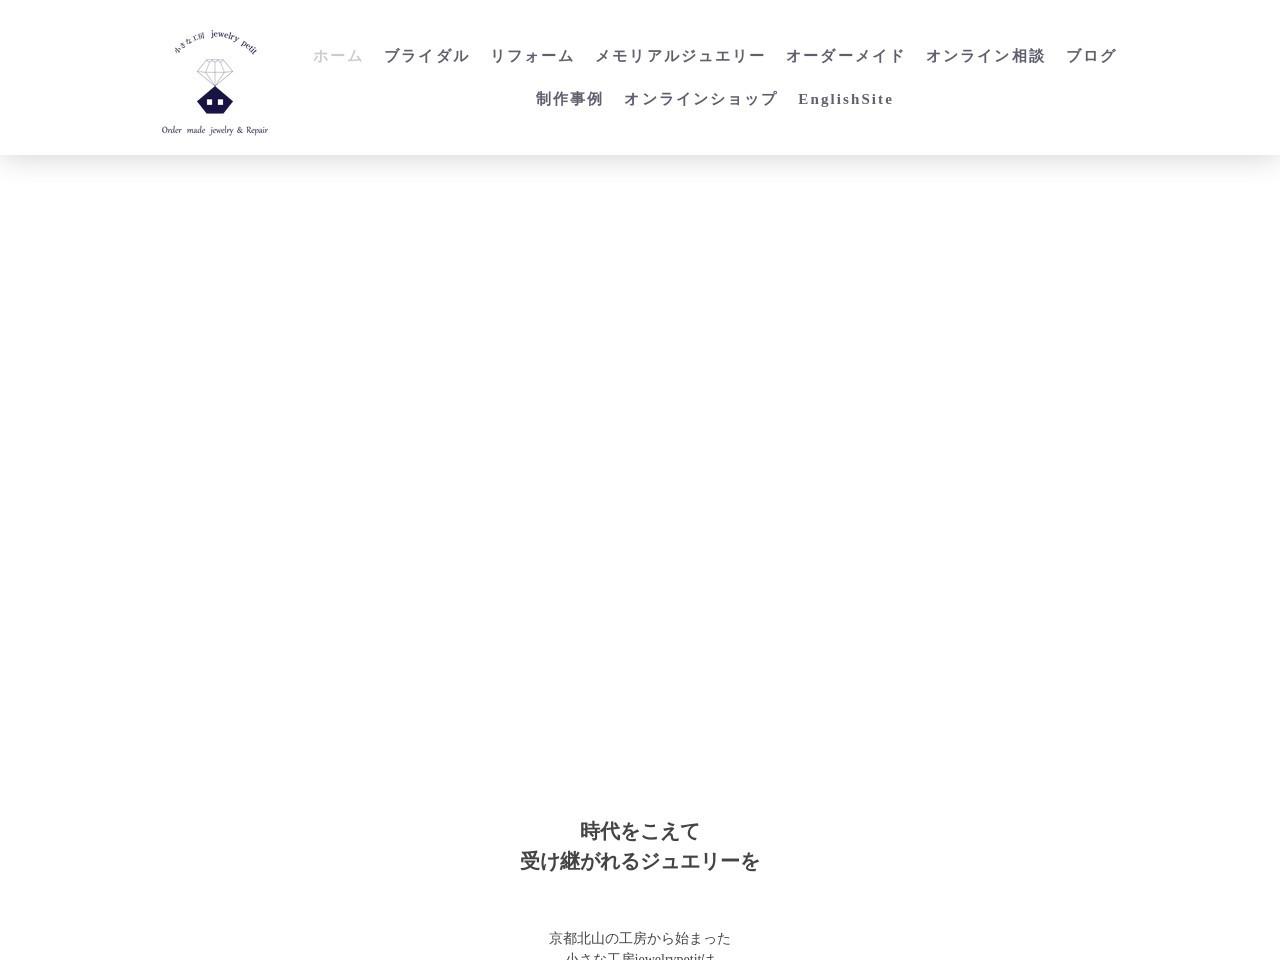 京都・神戸にある小さな工房JewelryPetit - 京都・神戸で結婚指輪・婚約指輪・フルオーダーメイド・リフォーム・修理・手作り指輪制作